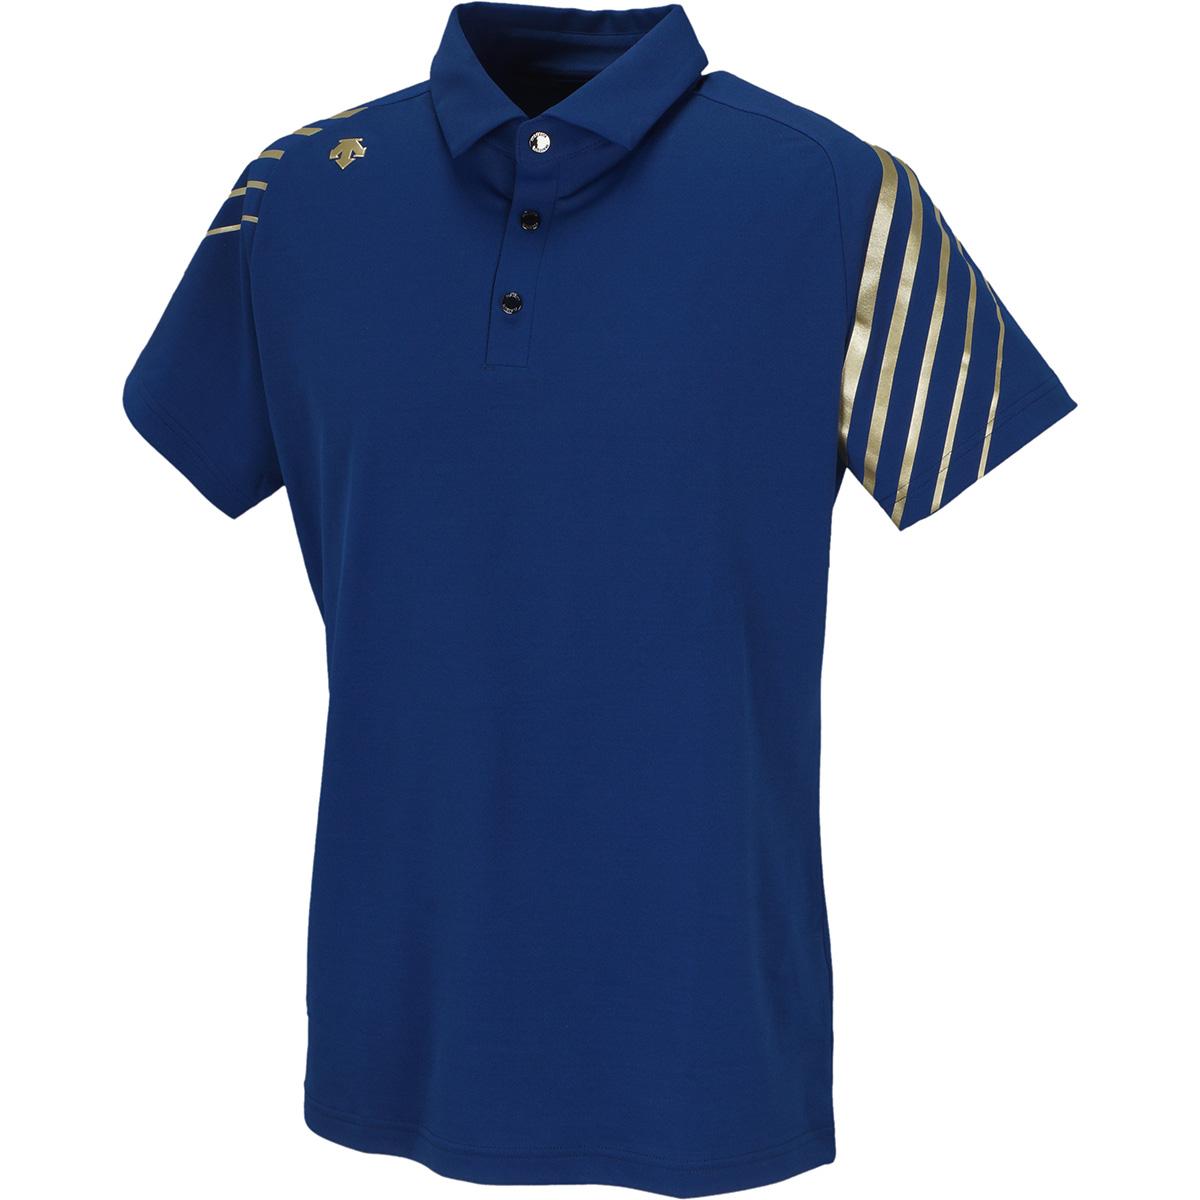 秒乾鹿の子ライジングプリント 半袖ポロシャツ